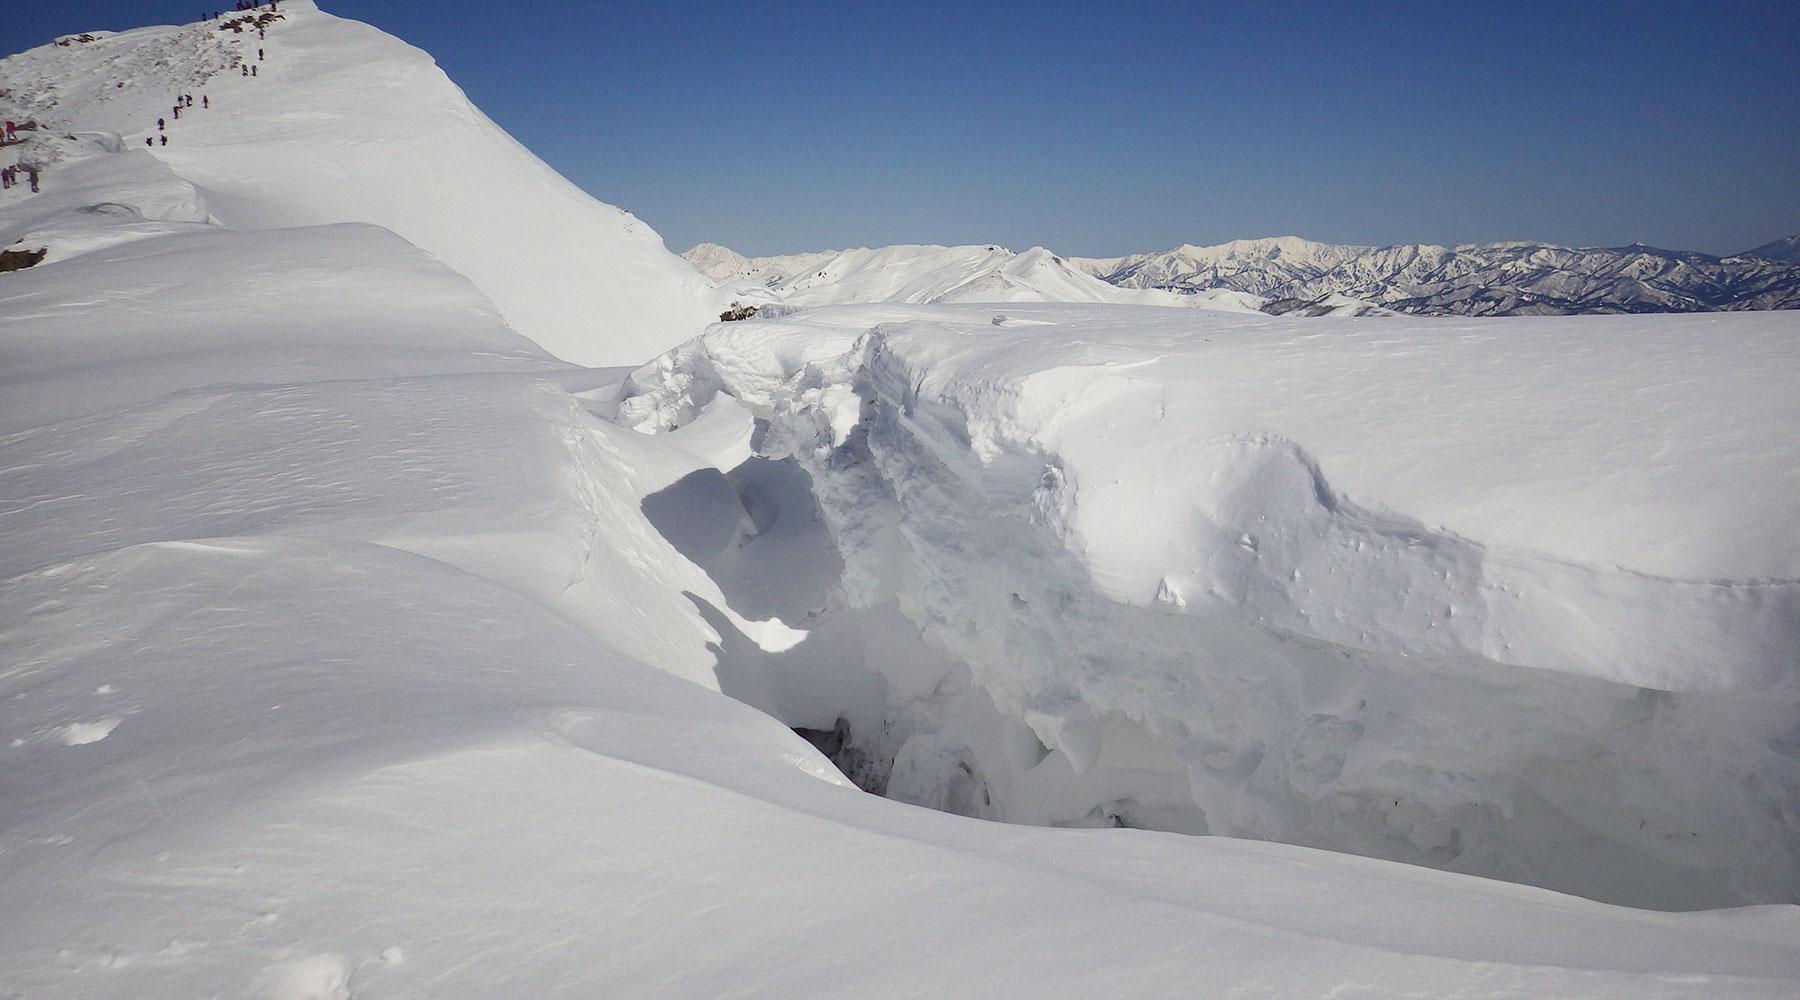 谷川岳・トマの耳~オキの耳間の雪庇の割れ目